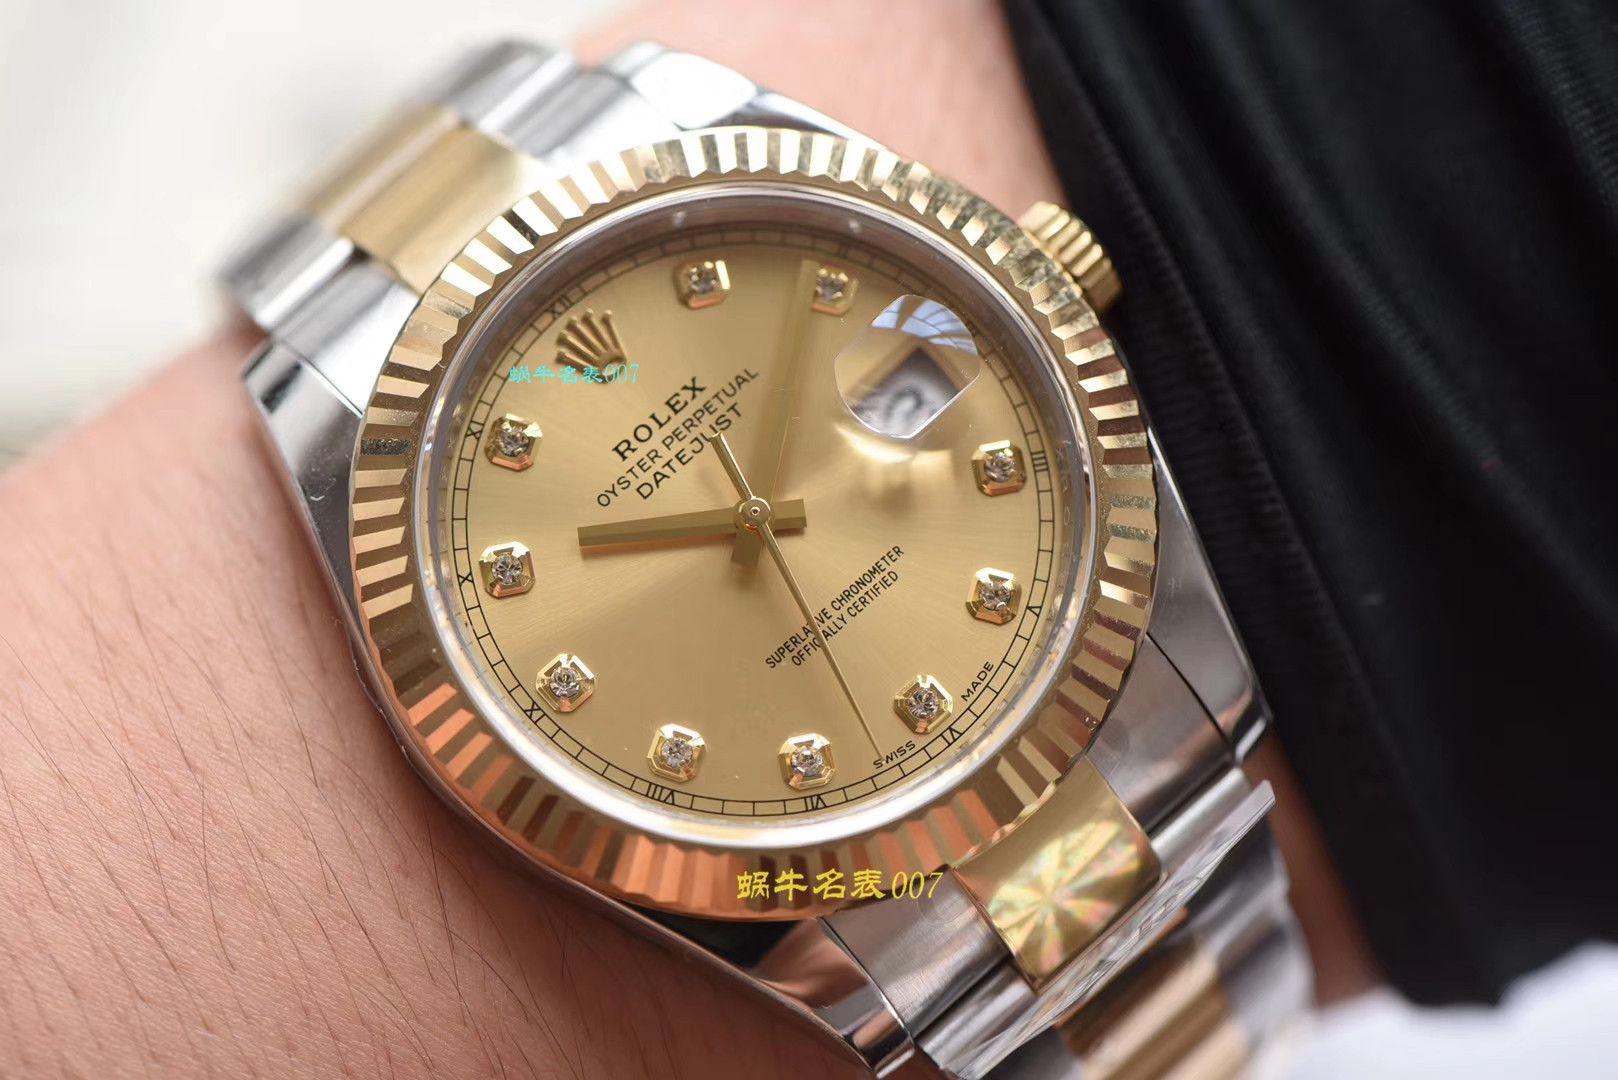 【视频评测AR厂一比一复刻劳力士日志手表】复刻的手表劳力士日志型系列116333-72213香槟盘腕表 / R320